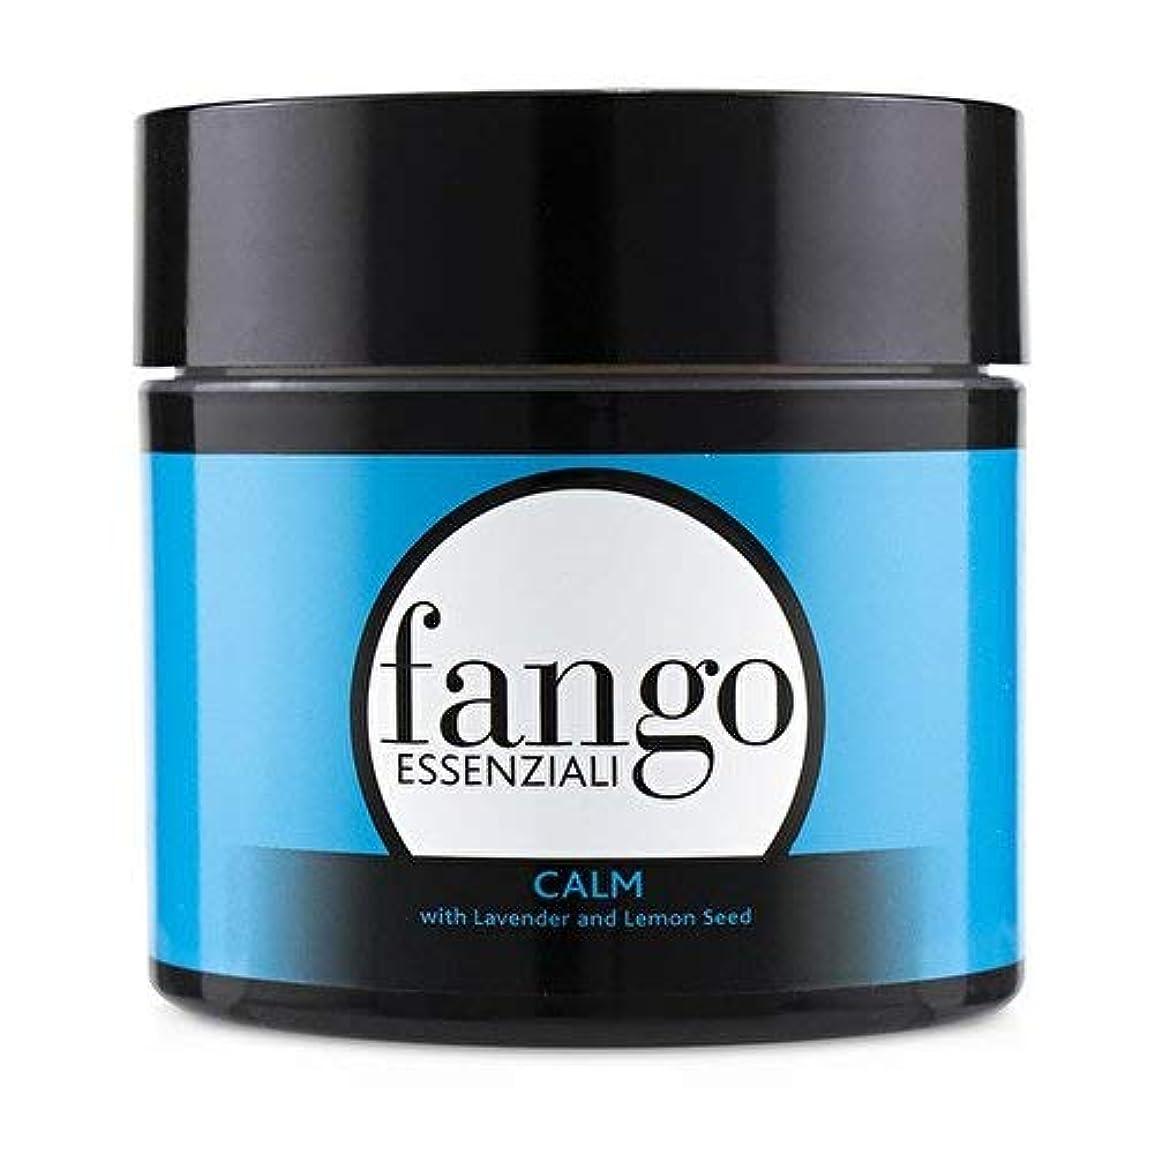 知覚する過度にうめきボルゲーゼ Fango Essenziali Calm Mud Mask with Lavender & Lemon Seed 198g/7oz並行輸入品